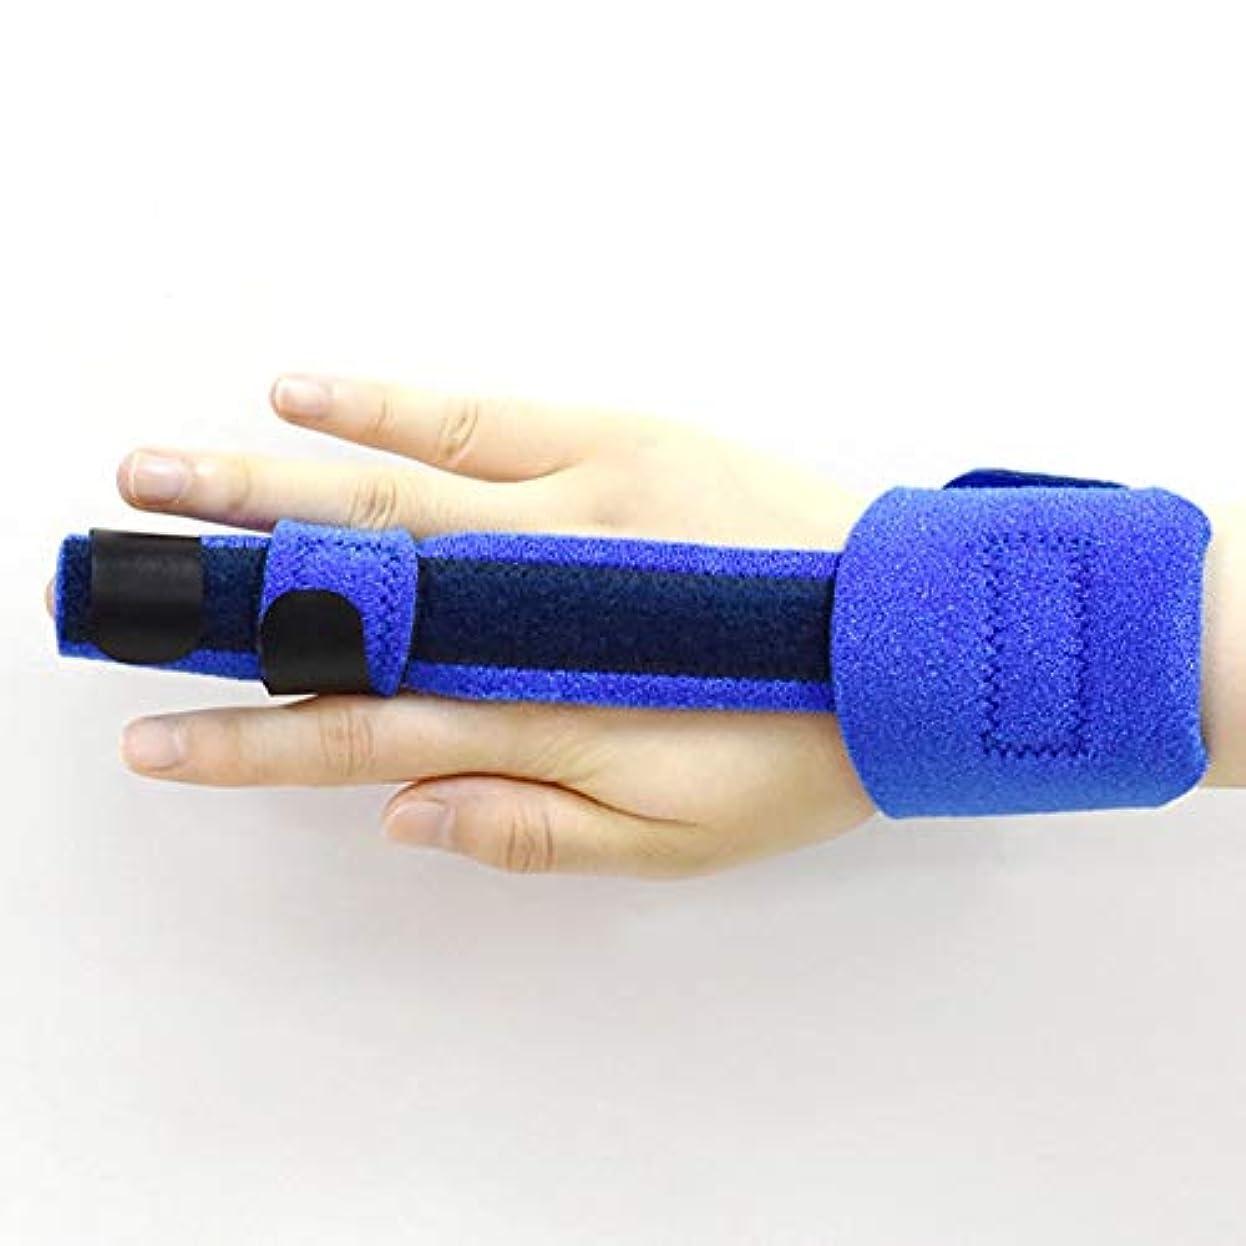 基礎理論ネーピア属性指ストレイテナー無限のサポート可鍛性フィンガースプリント - 壊れたのトリガースプリント、マレットブレースは痛み、指や手首を和らげます